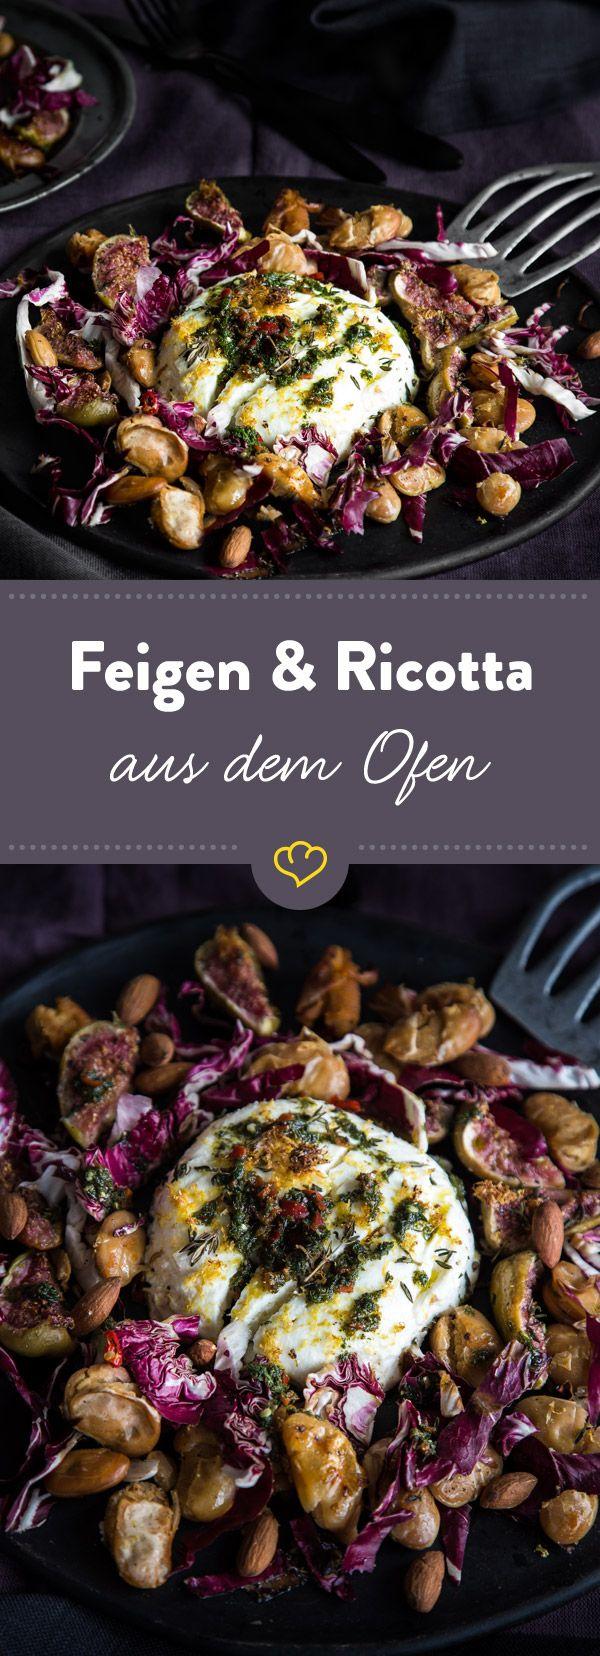 Einfache Zutaten, wenig Aufwand, maximaler Effekt: Bohnen, Feigen und Ricotta aus dem Ofen sehen echt nach Sterneküche aus! Und schmecken so gut!